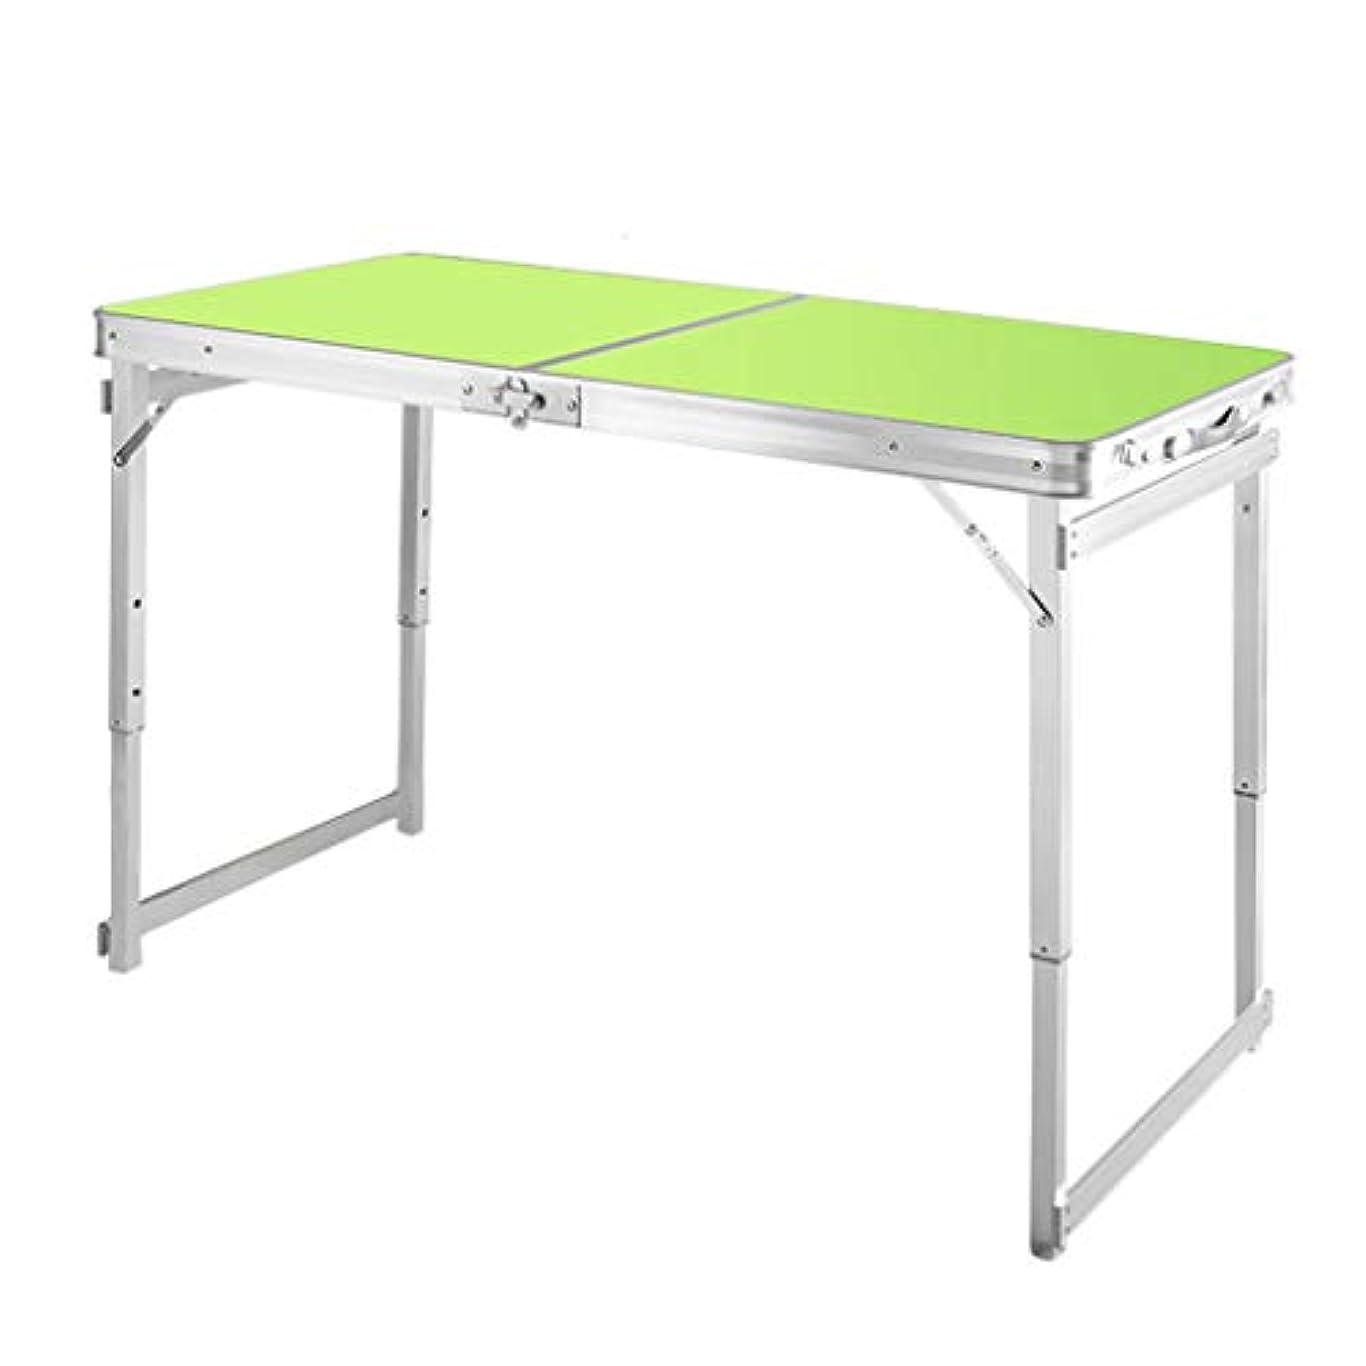 ラッドヤードキップリング疎外する大きさNJ 折りたたみ式テーブル- 屋外折りたたみシンプルなテーブル、家庭用折りたたみテーブルポータブル折りたたみテーブル (色 : Green, サイズ さいず : 120x60x75cm)